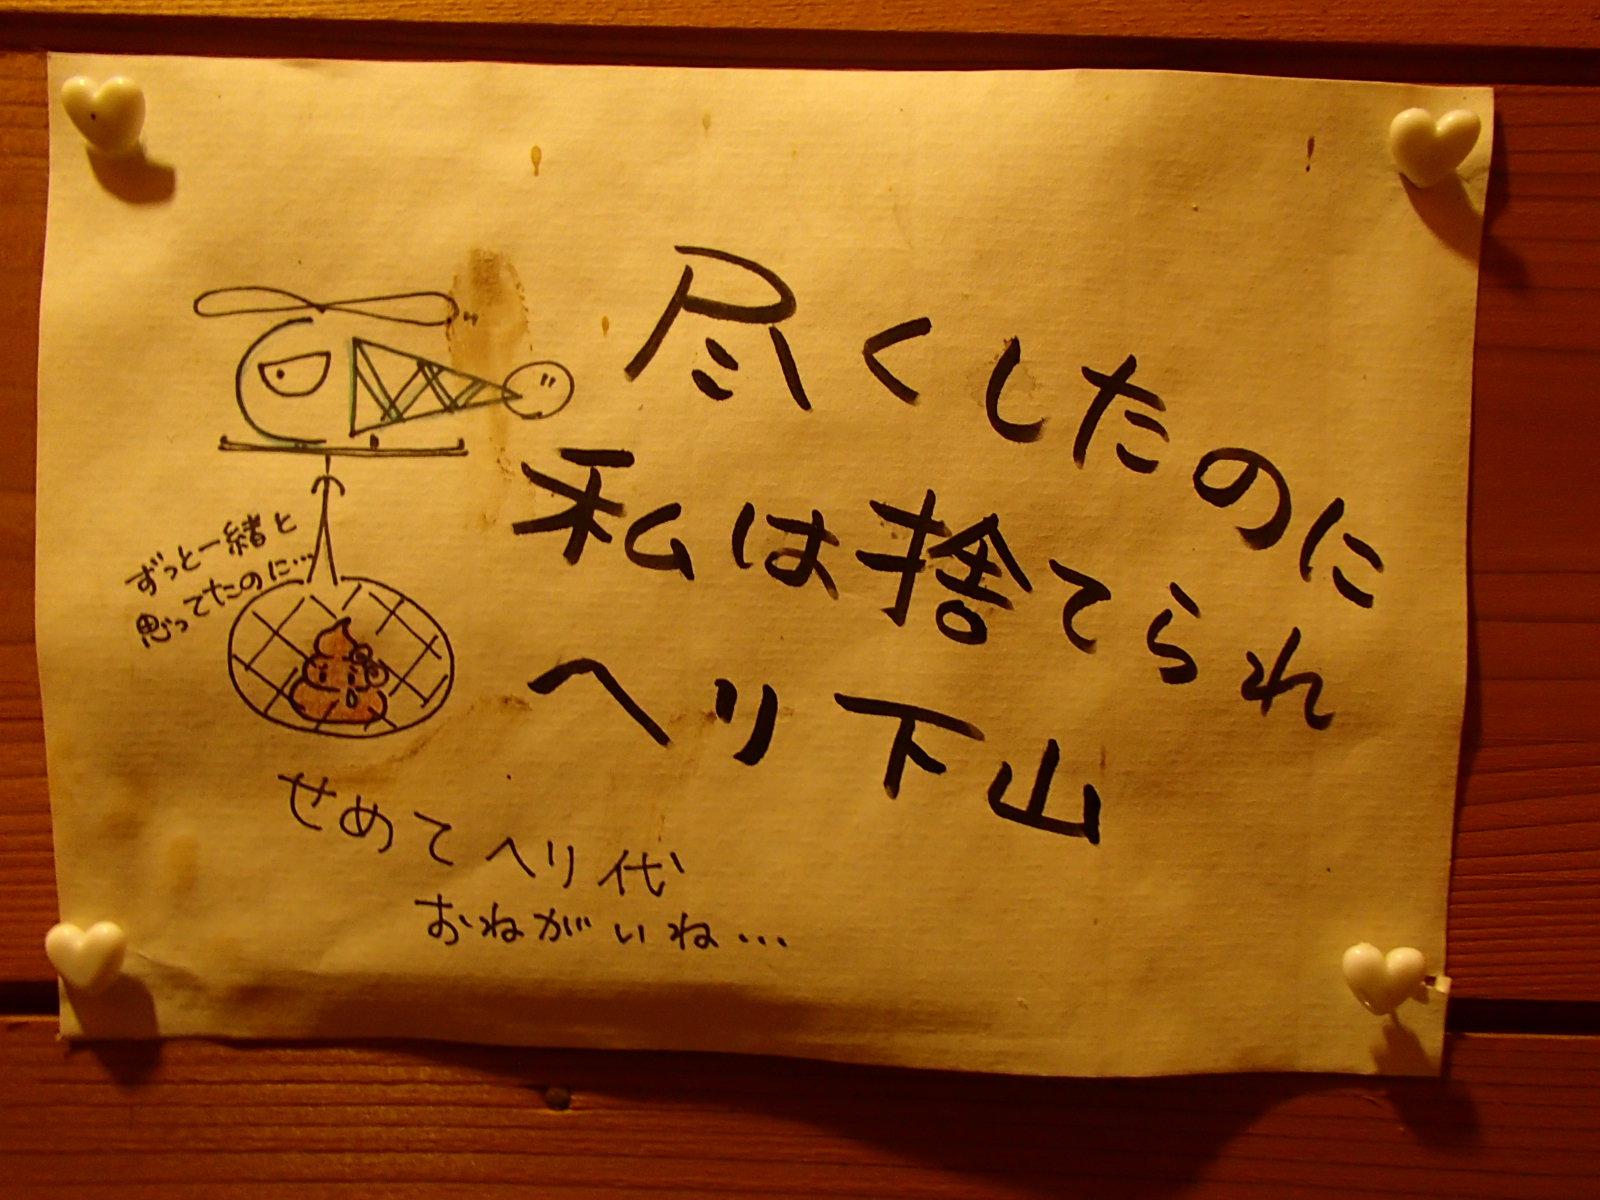 赤石小屋 トイレイラスト.JPG